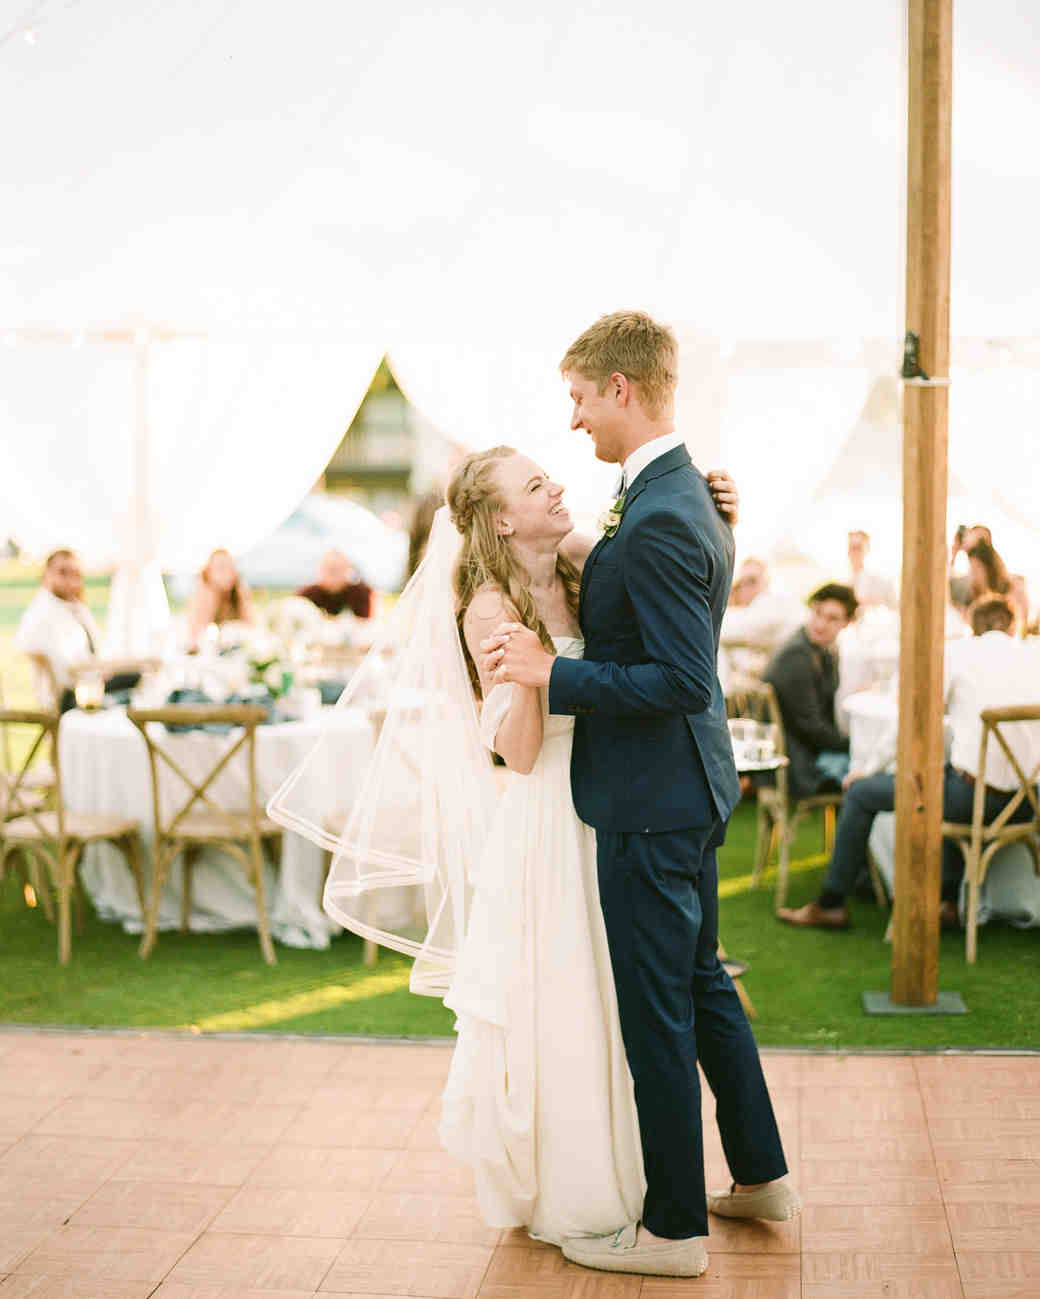 izzy tom wedding firstdance